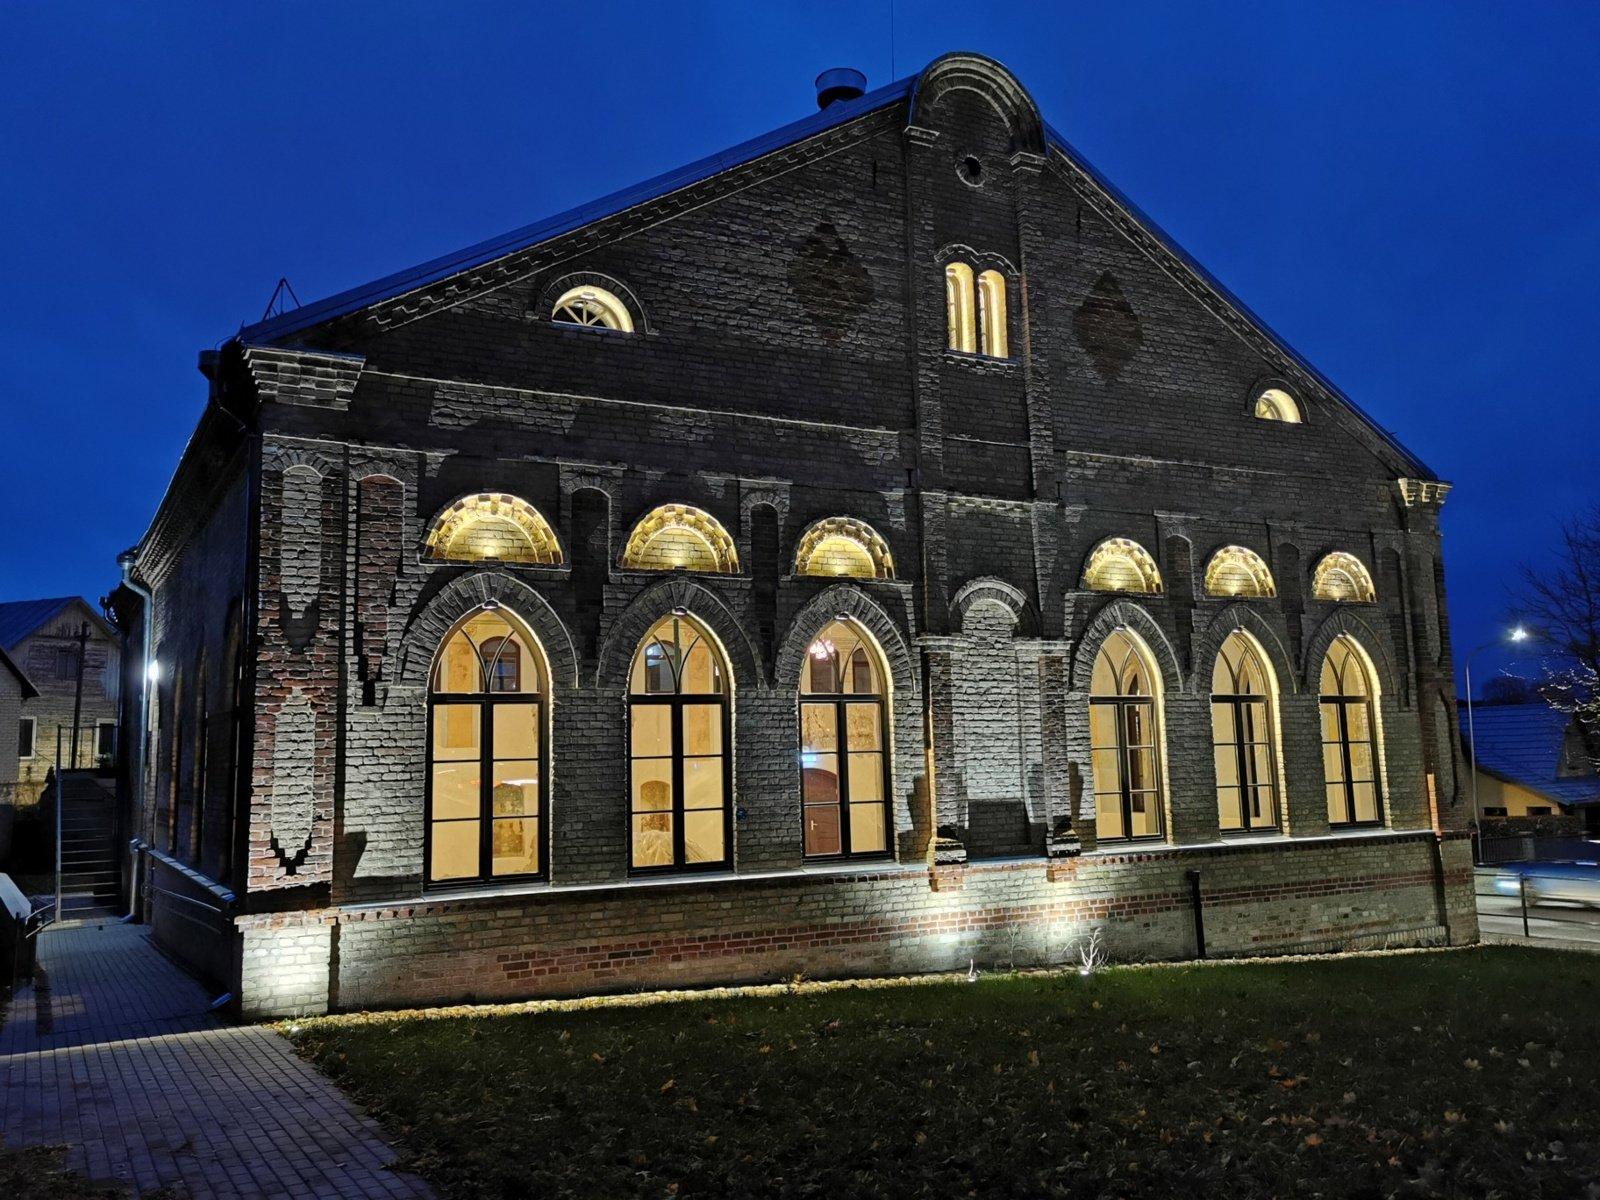 Alytaus sinagogos pastato istorija: ir maldos namai, ir druskos sandėlis, ir viščiukų perykla